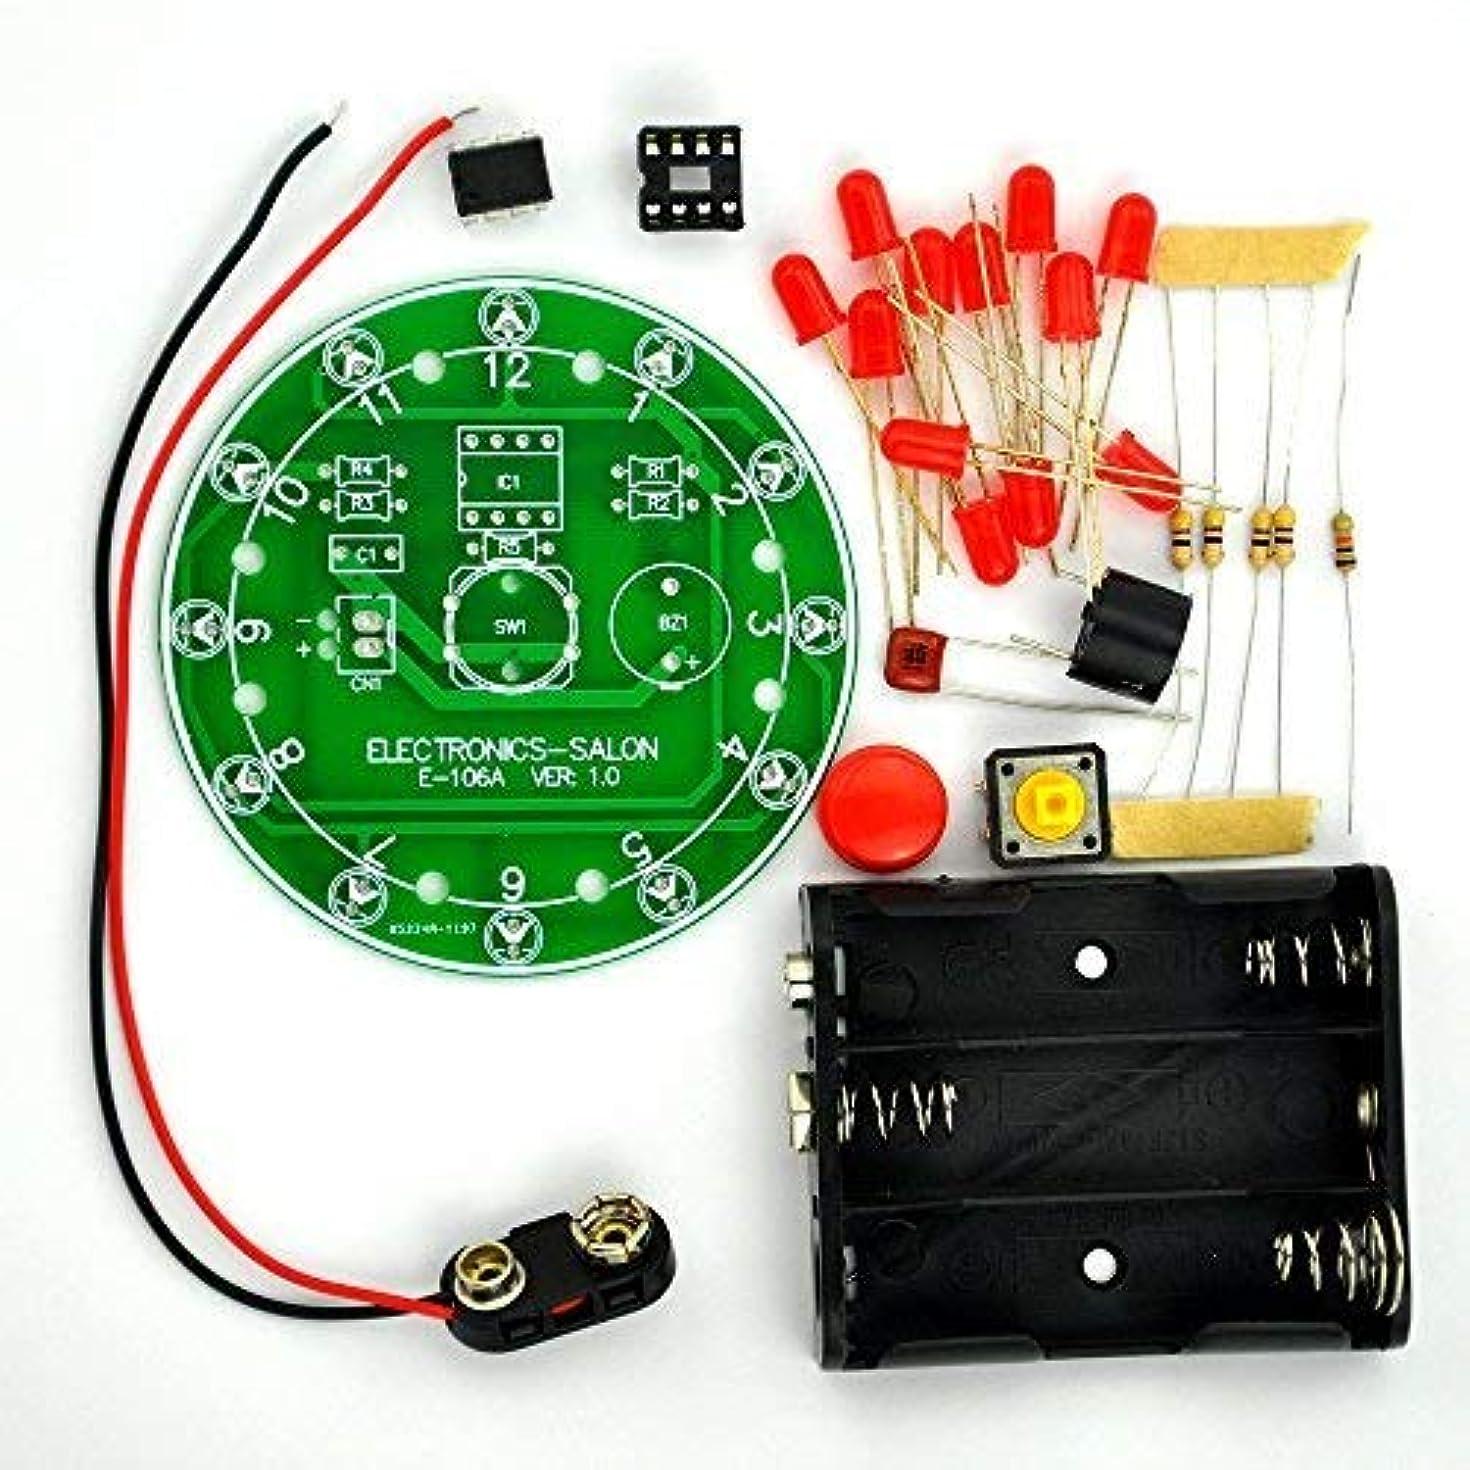 よく話される進捗追い払うElectronics-Salon 12位置pic12f508 MCUに基づく電子ラッキー回転ボードキット導い